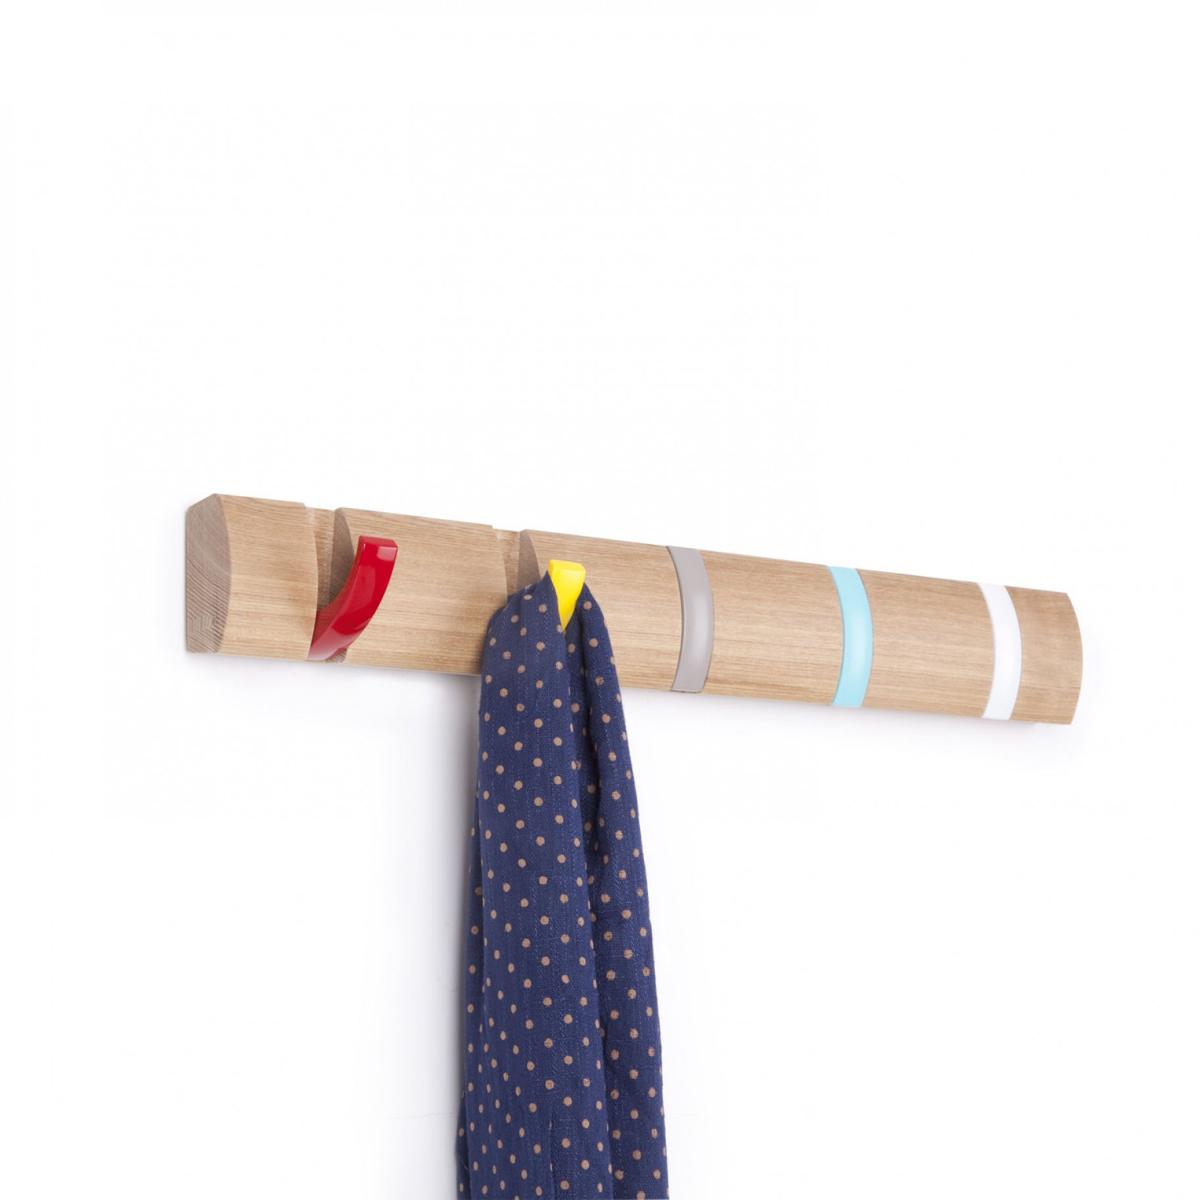 Вешалка настенная Umbra Flip, цвет: светло-коричневый, 5 крючков318850-727Стильная и прочная вешалка Umbra Flip интересной формы и оригинального дизайна изготовлена из дерева. Имеет 5 откидных крючков из никеля: когда они не используются, то складываются, превращая конструкцию в абсолютно гладкую поверхность. Вешалка Umbra Flip идеально подходит для маленьких прихожих и ограниченных пространств. Каждый крючок выдерживает вес до 2,3 кг.